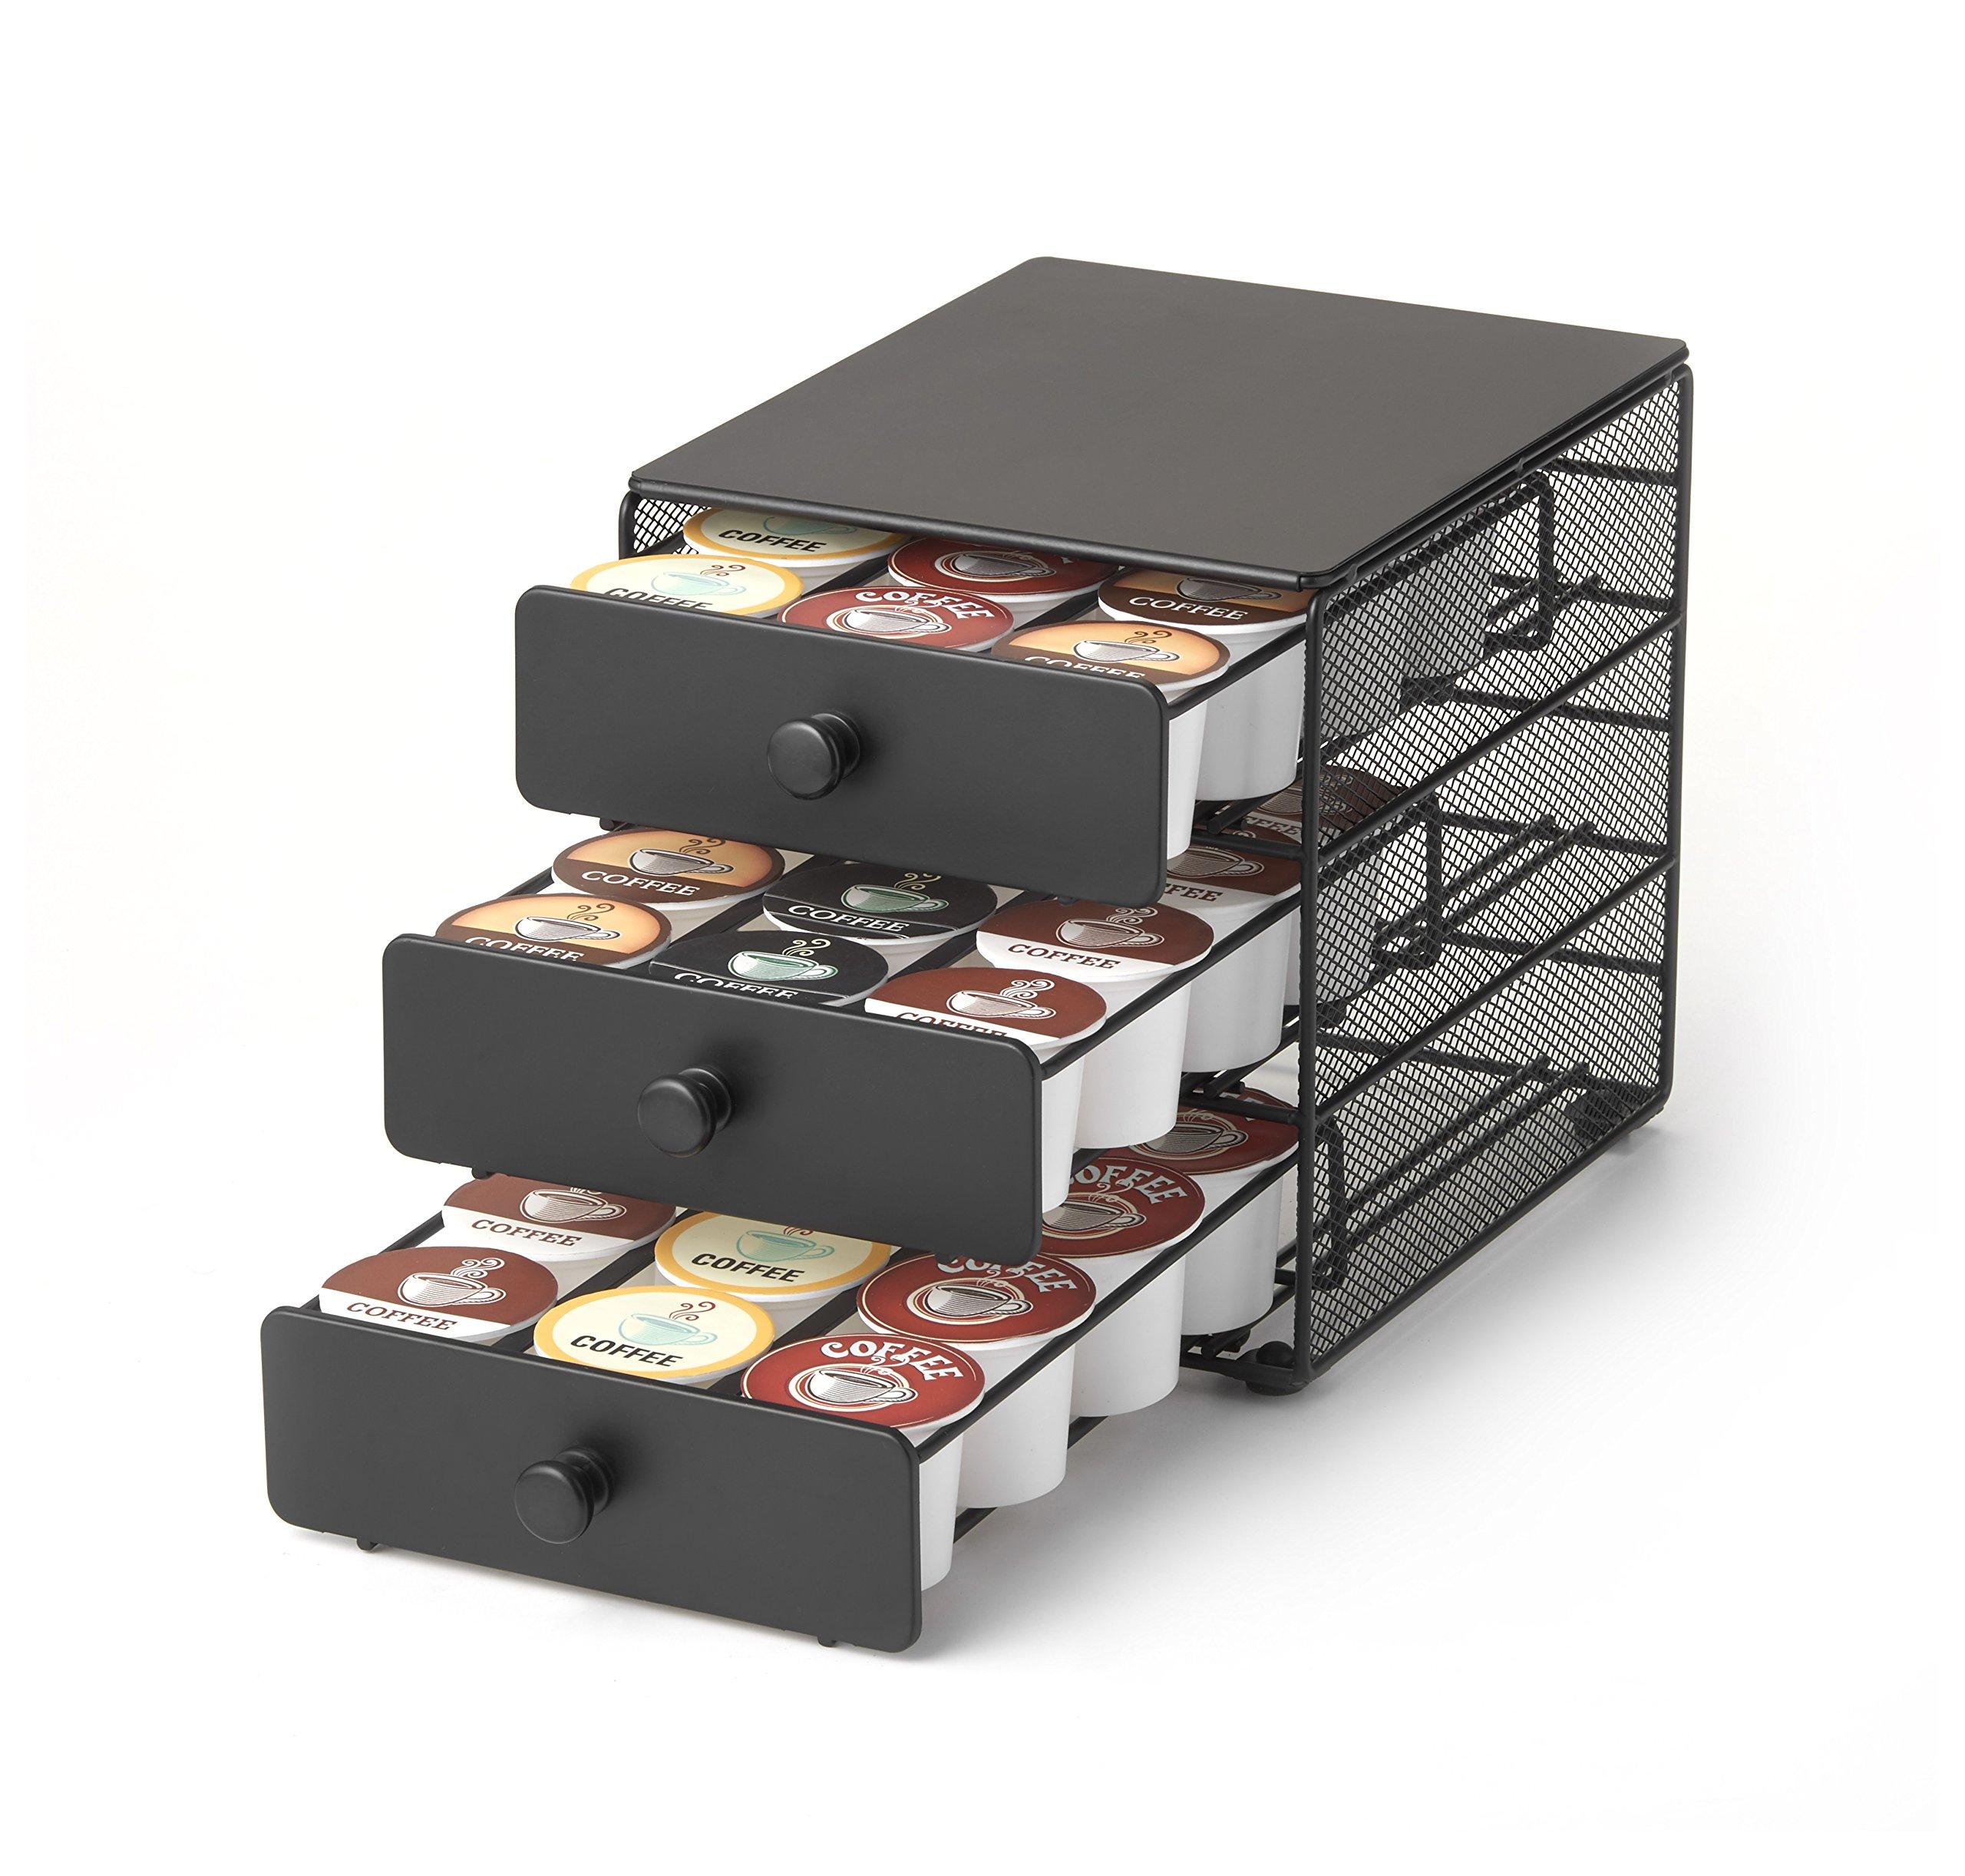 Keurig Brewed 3-tier K-Cup Storage Drawer - 36 Capacity by NIFTY